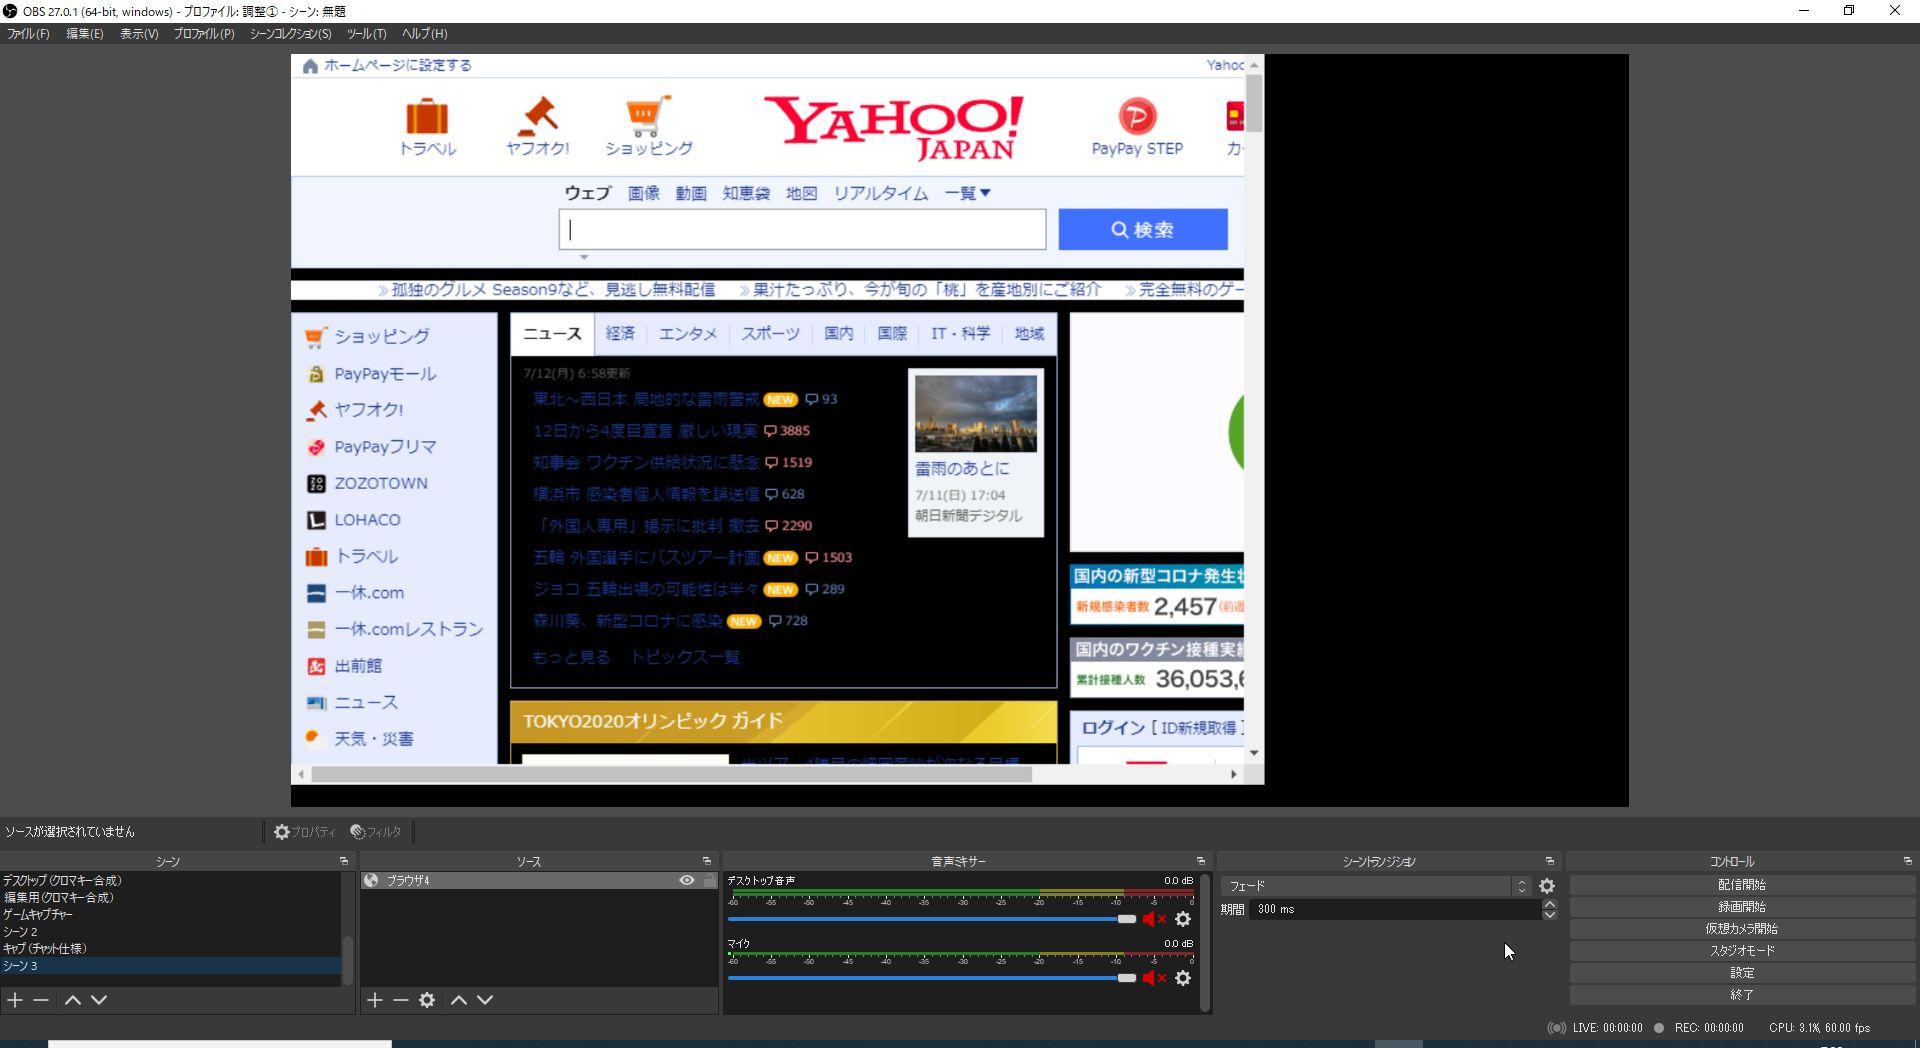 obs studio(動画配信ソフト)でブラウザソースが取得できない